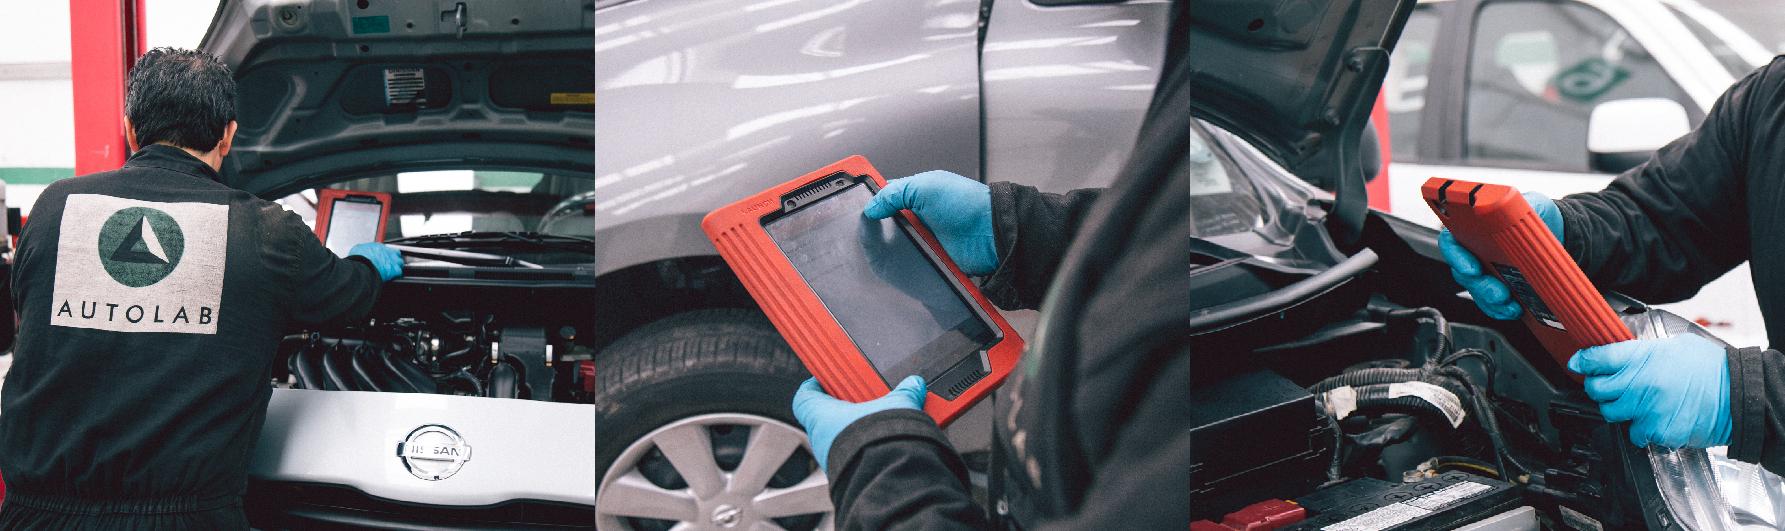 Inspección del sistema eléctrico y electrónico de un carro en un taller